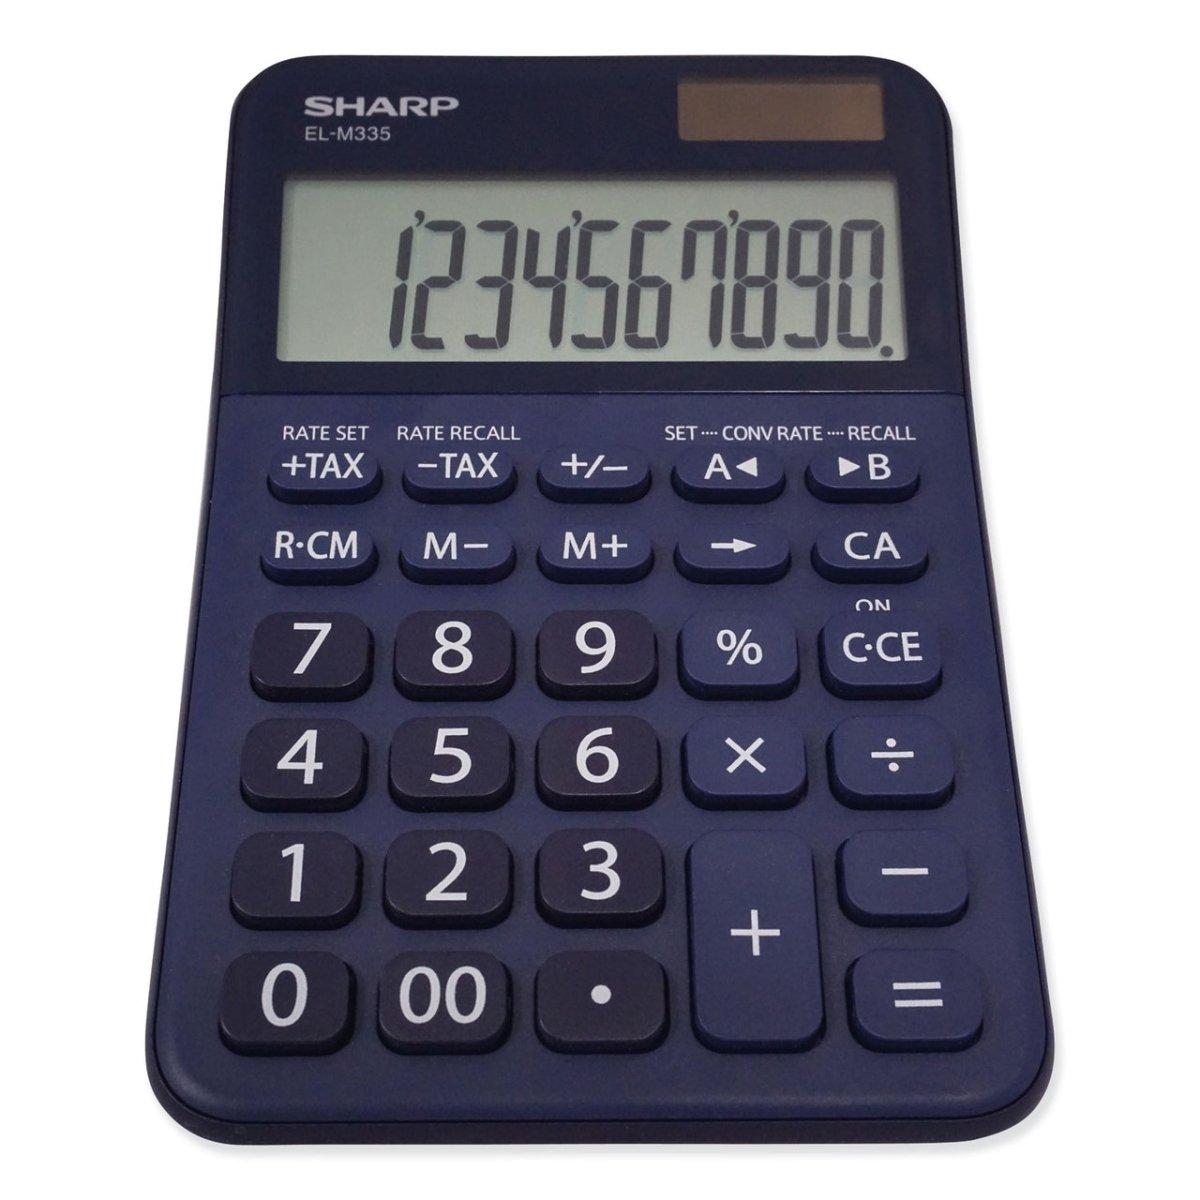 ELM335BBL Desktop Calculator, 10-Digit LCD, Blue